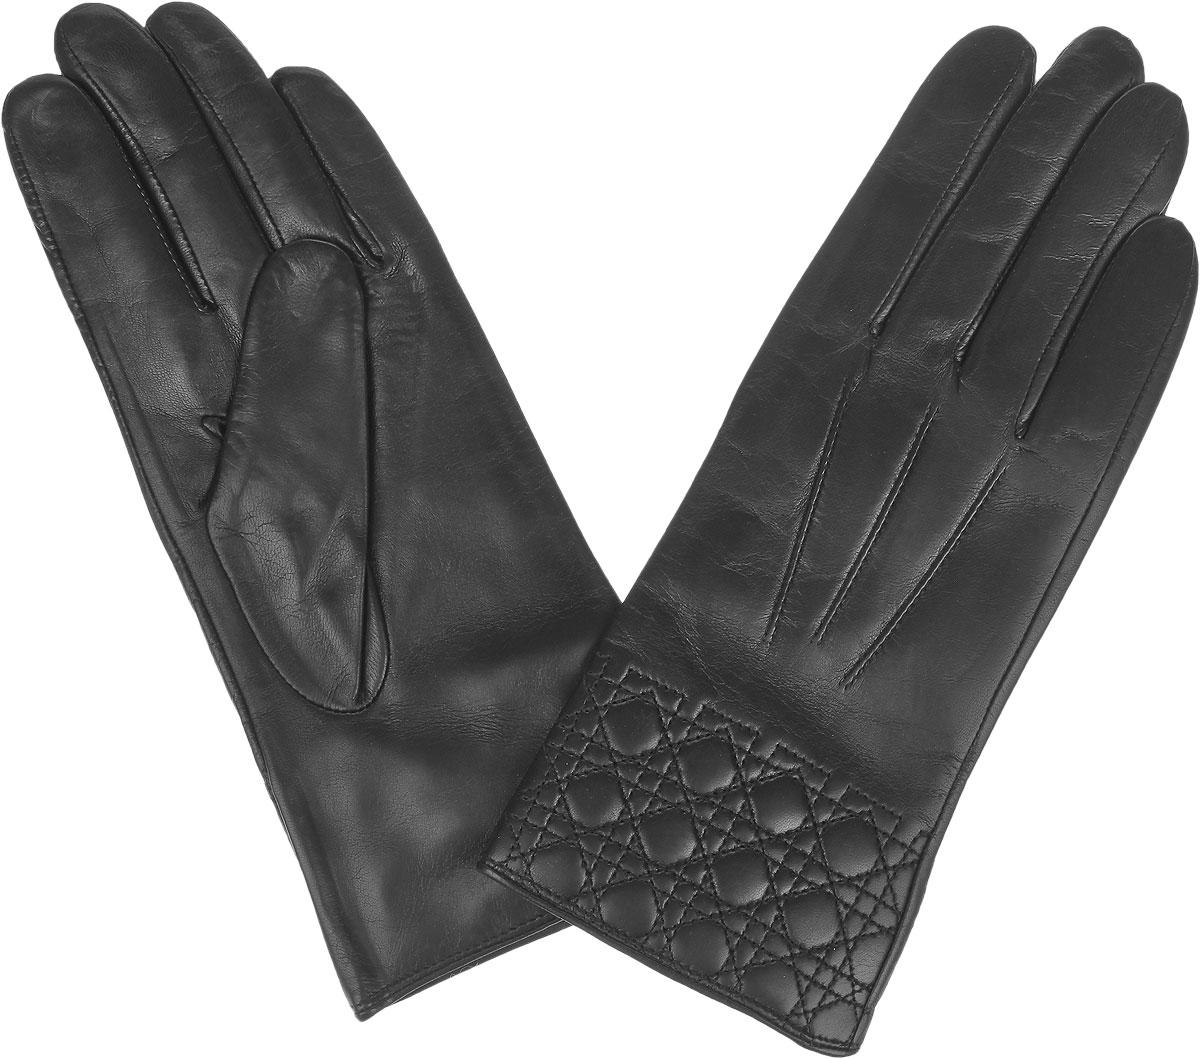 Перчатки женские. 9.72-19.72-1_blackЖенские перчатки Fabretti не только защитят ваши руки от холода, но и станут стильным дополнением вашего образа. Перчатки выполнены из натуральной кожи на подкладке из шерсти с добавлением кашемира. Лицевую сторону изделия украшает декоративная отсрочка. Перчатки Fabretti станут завершающим и подчеркивающим элементом вашего стиля.